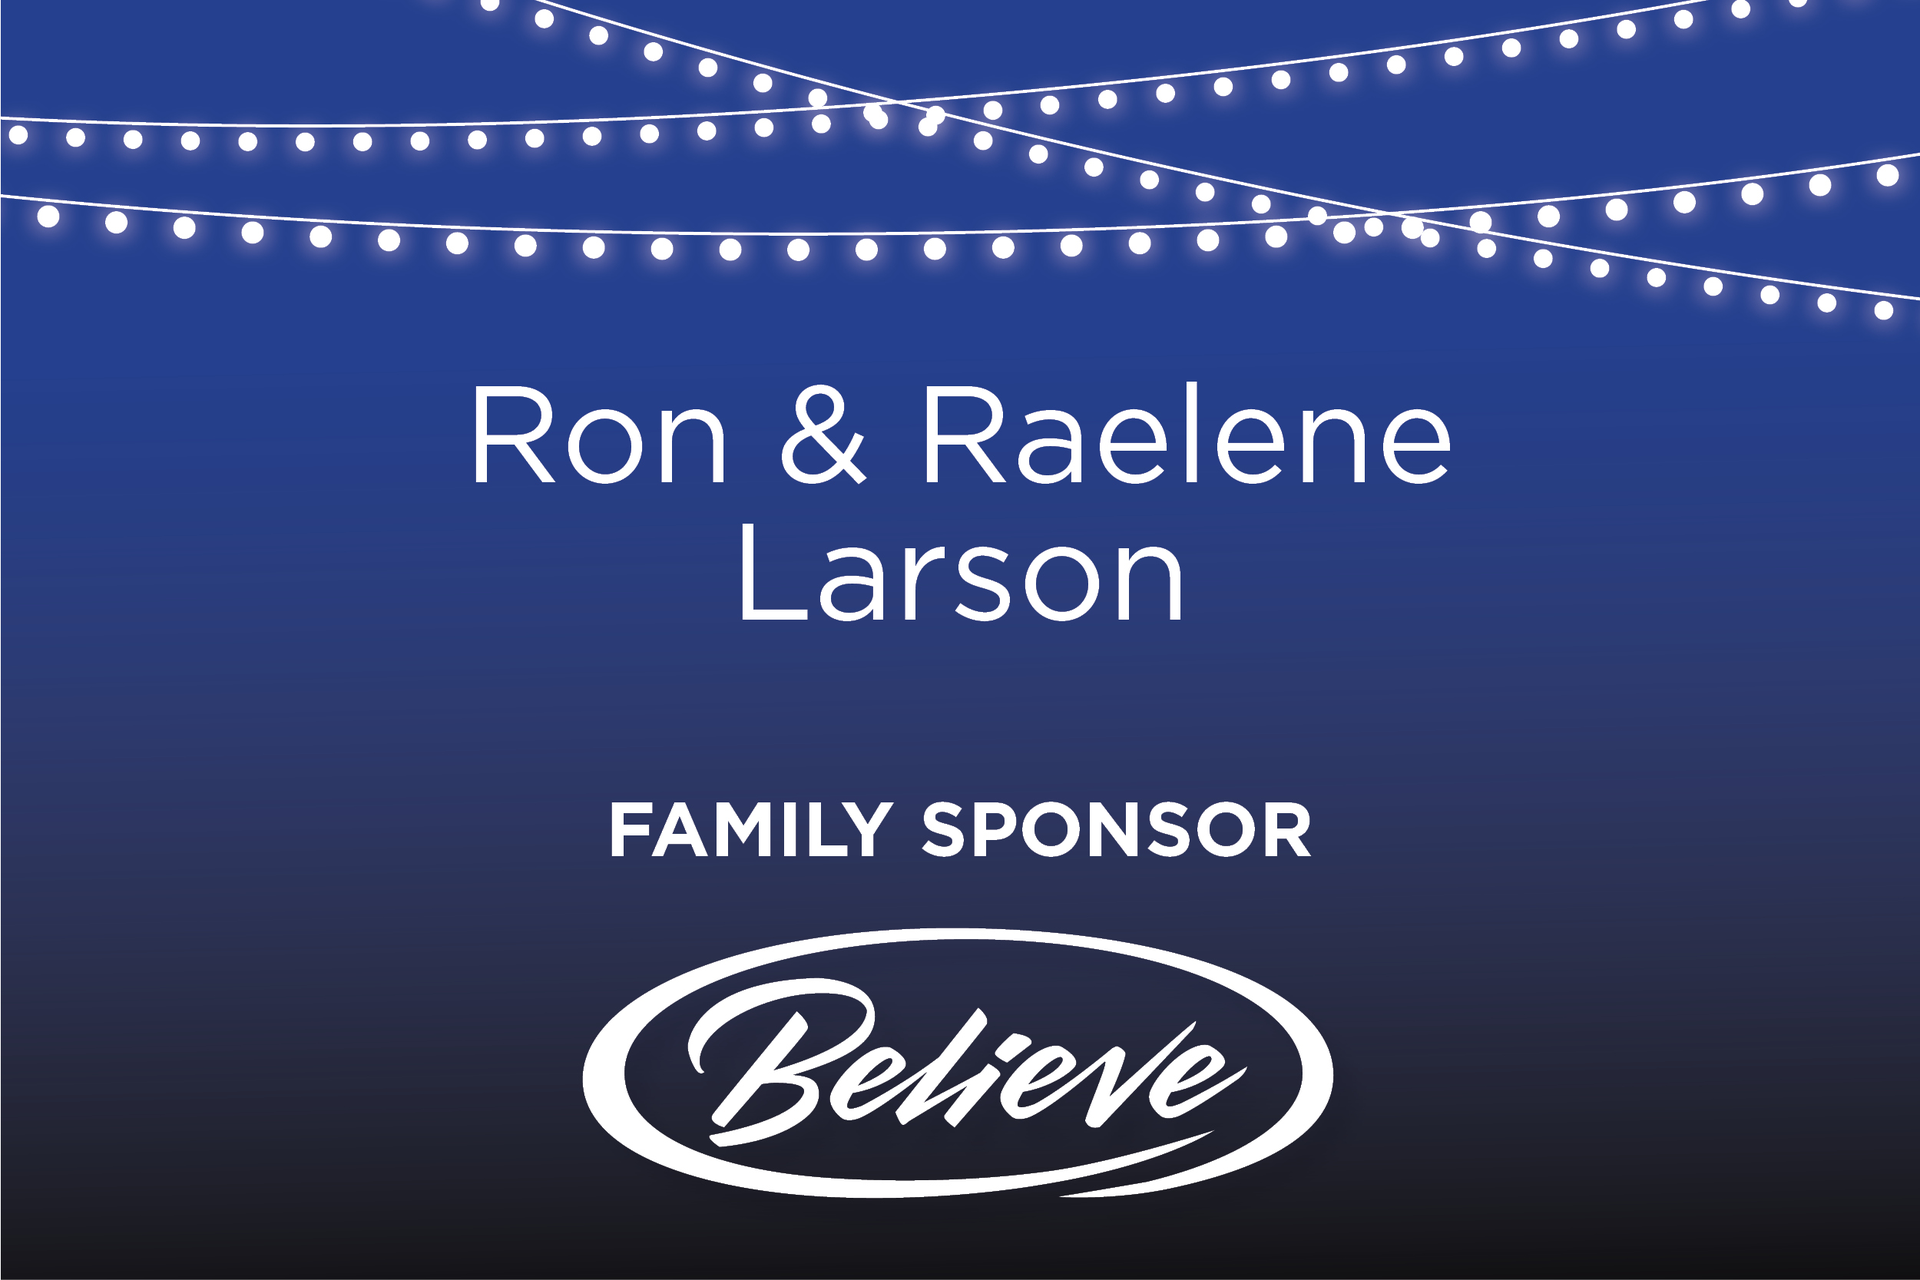 Ron & Raelene Larson Family sponsor